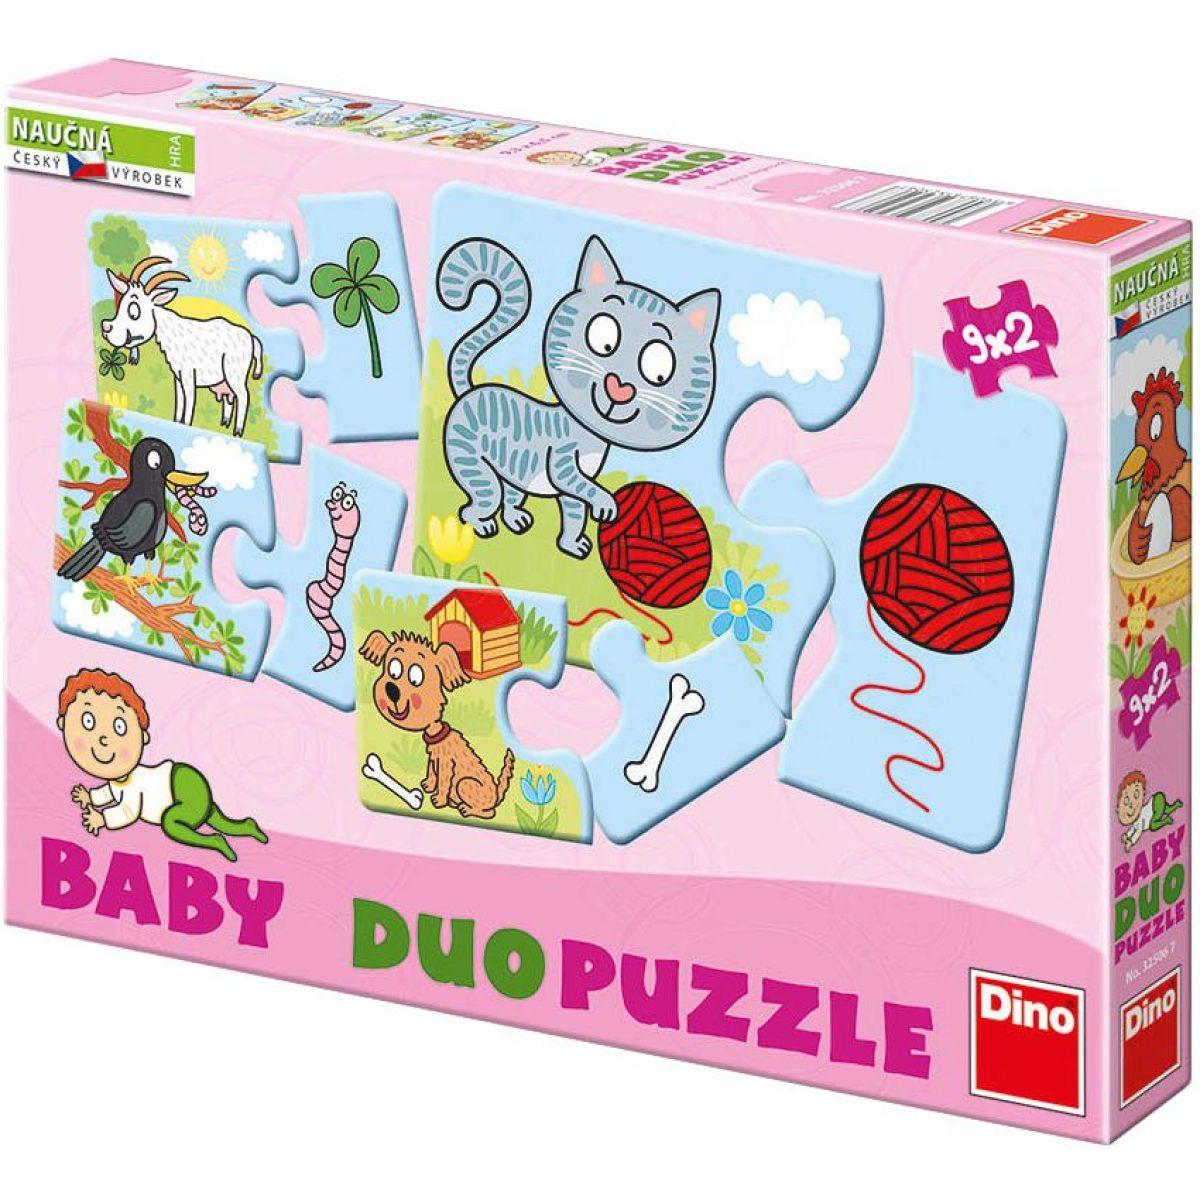 Dino 9 x 2 dílky Zvířátka BABY pro miminko